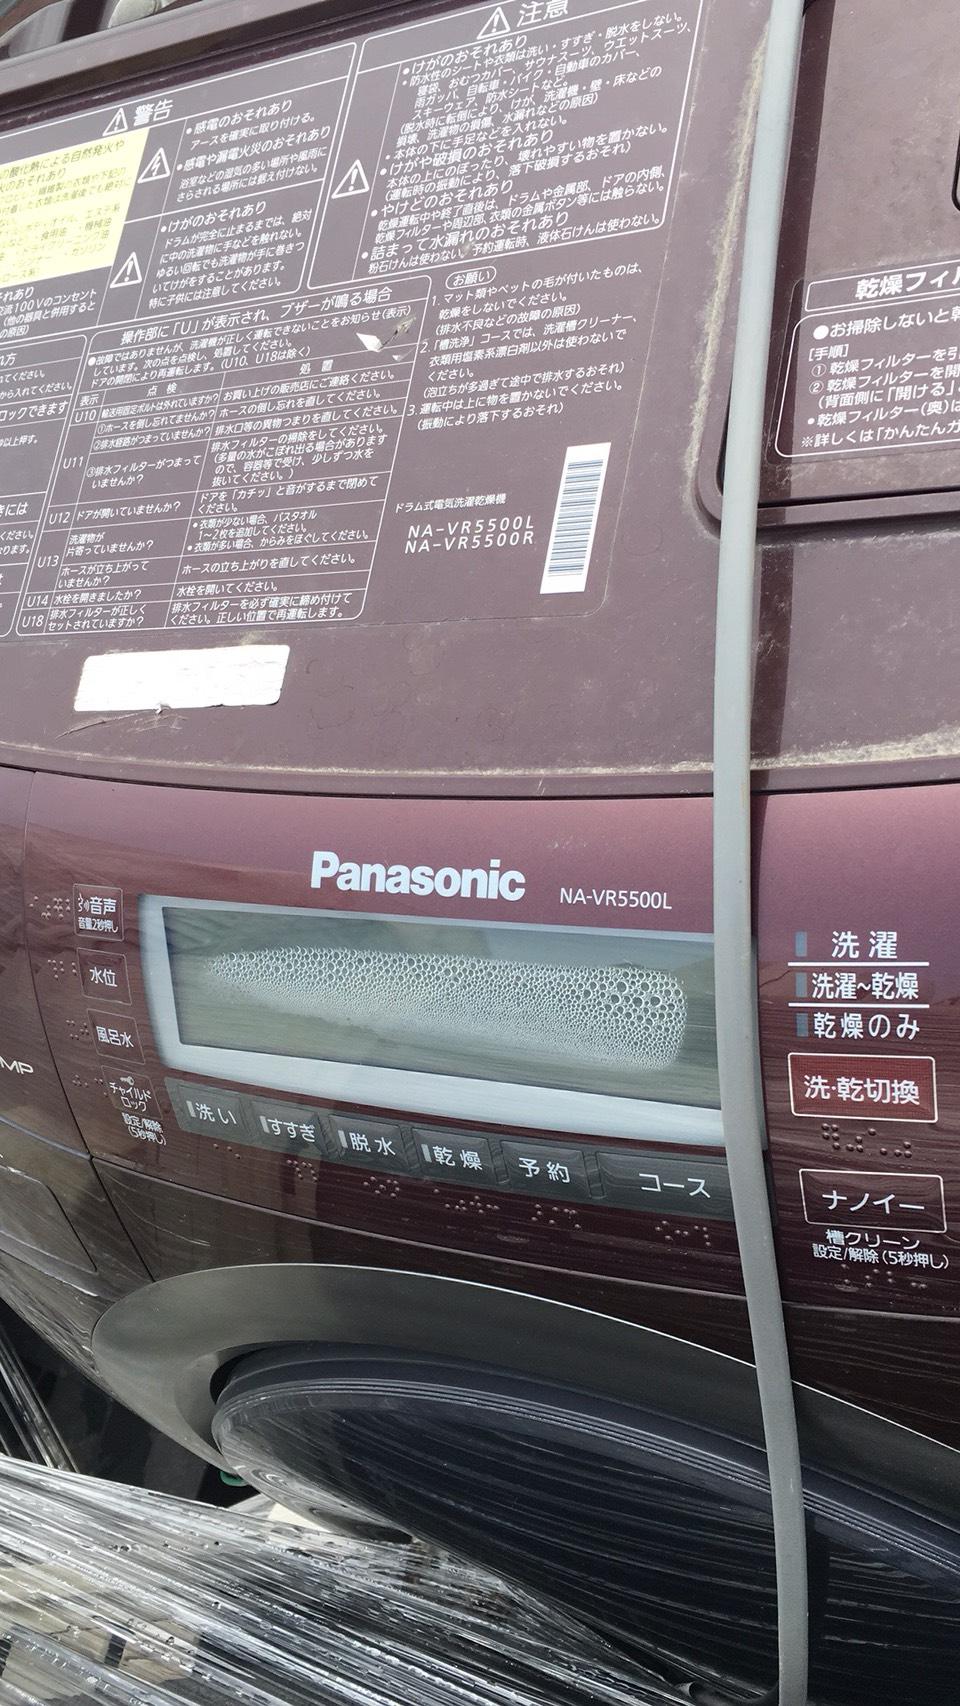 斜めドラム洗濯機(2005年~)